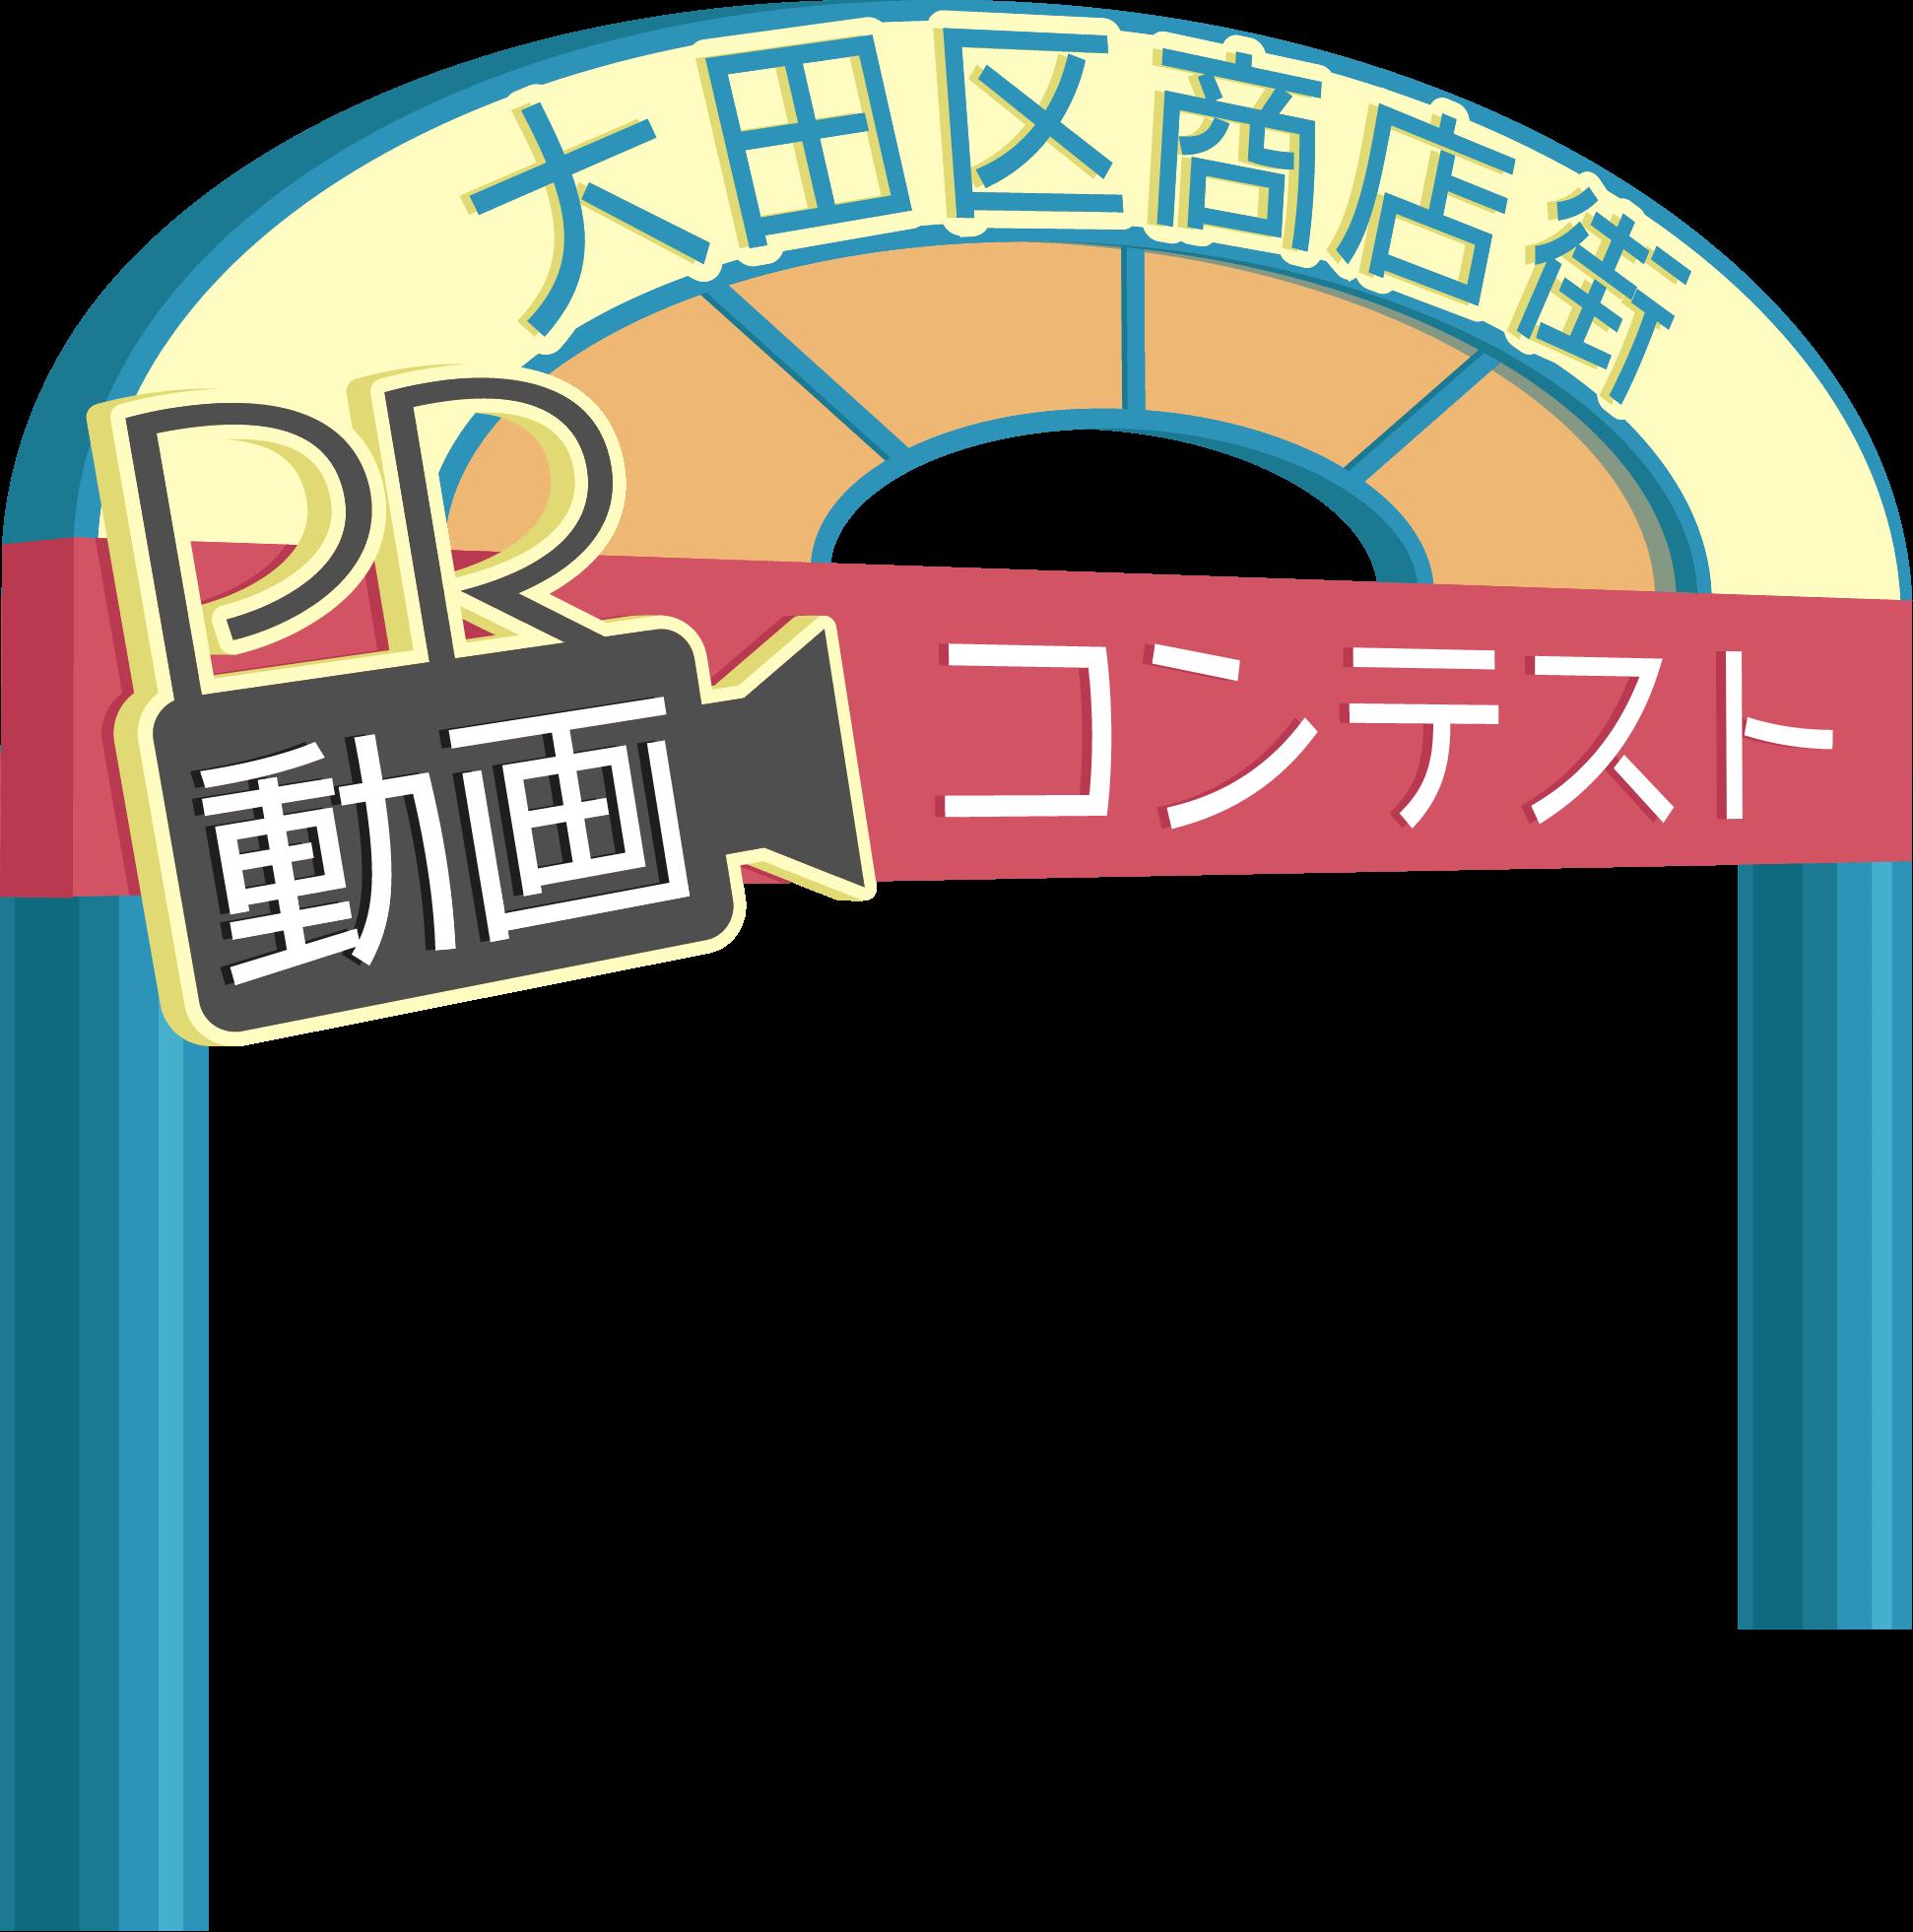 大田区商店街PR動画コンテスト